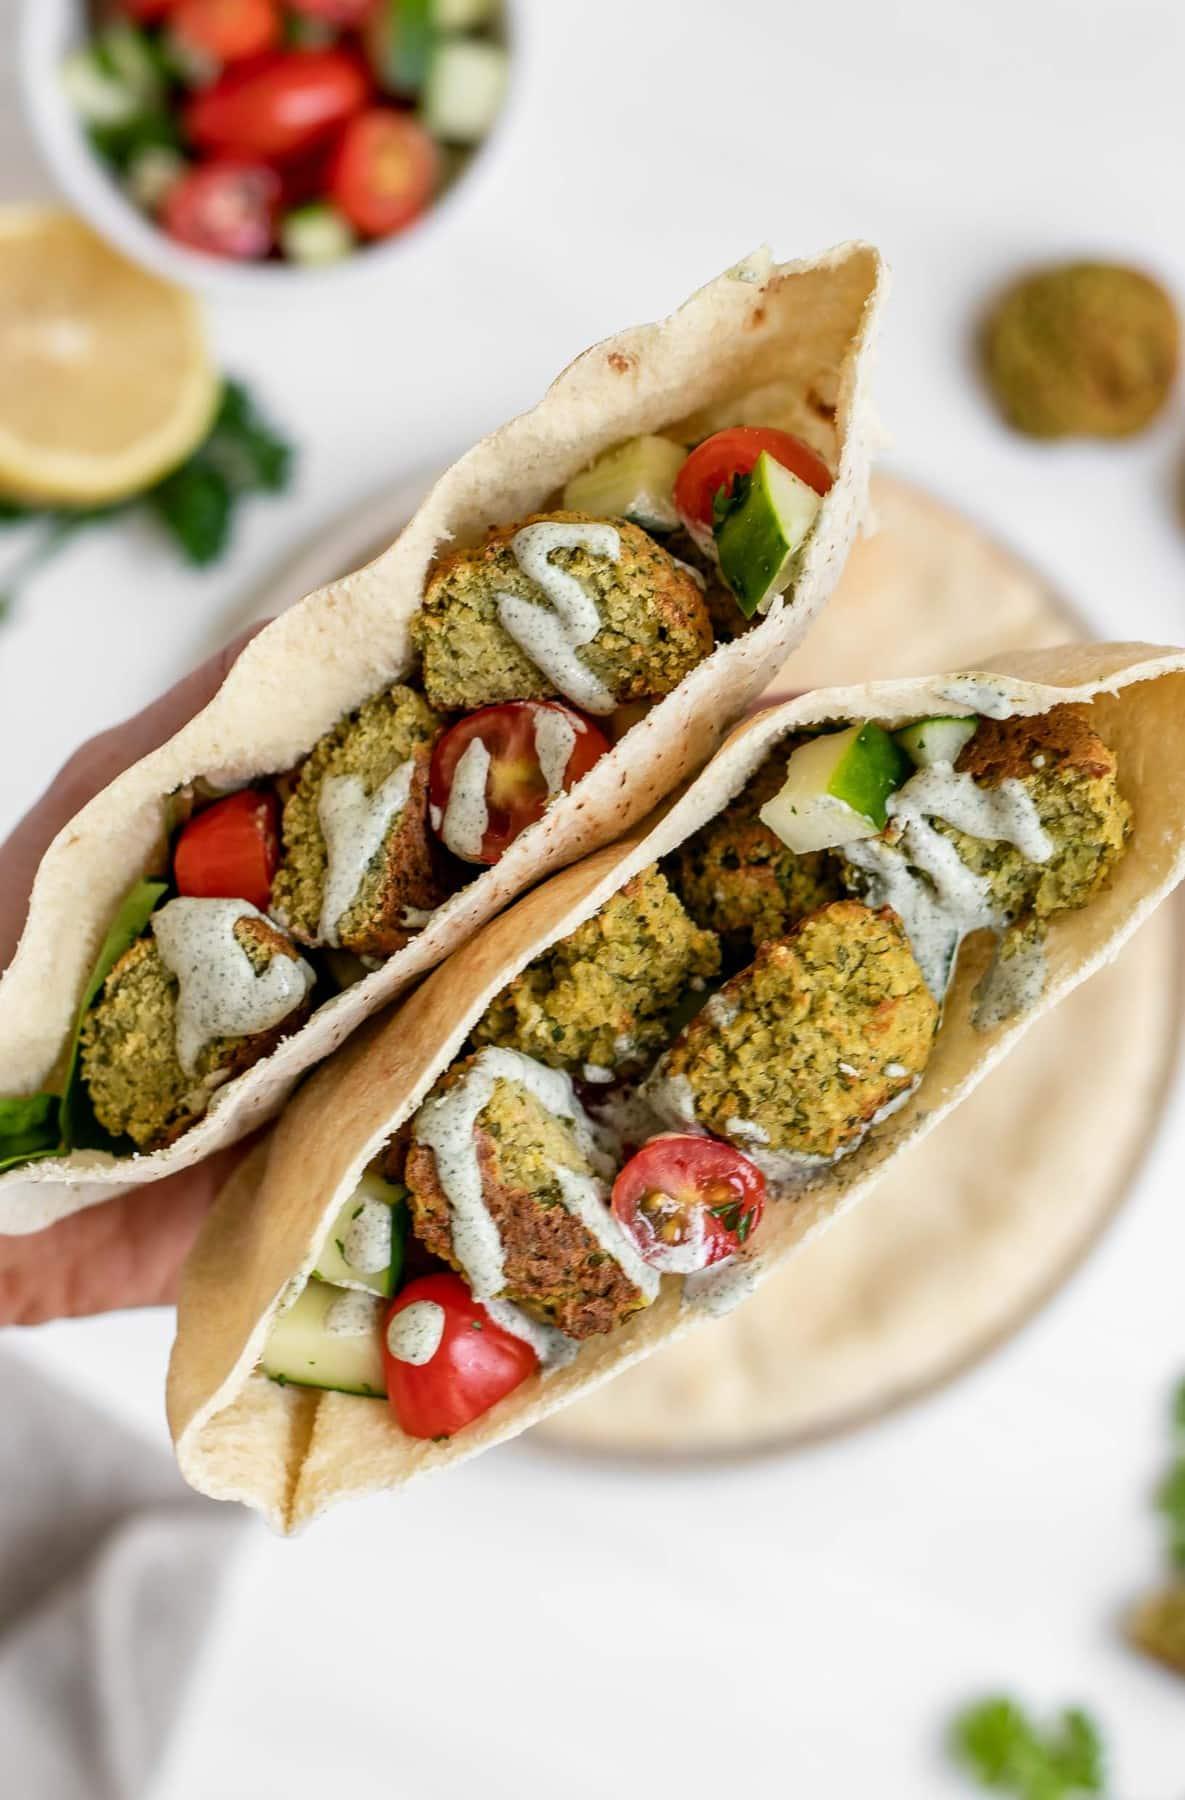 Two pita wraps with vegan falafel, tomatoes, cucumber and hemp dressing.